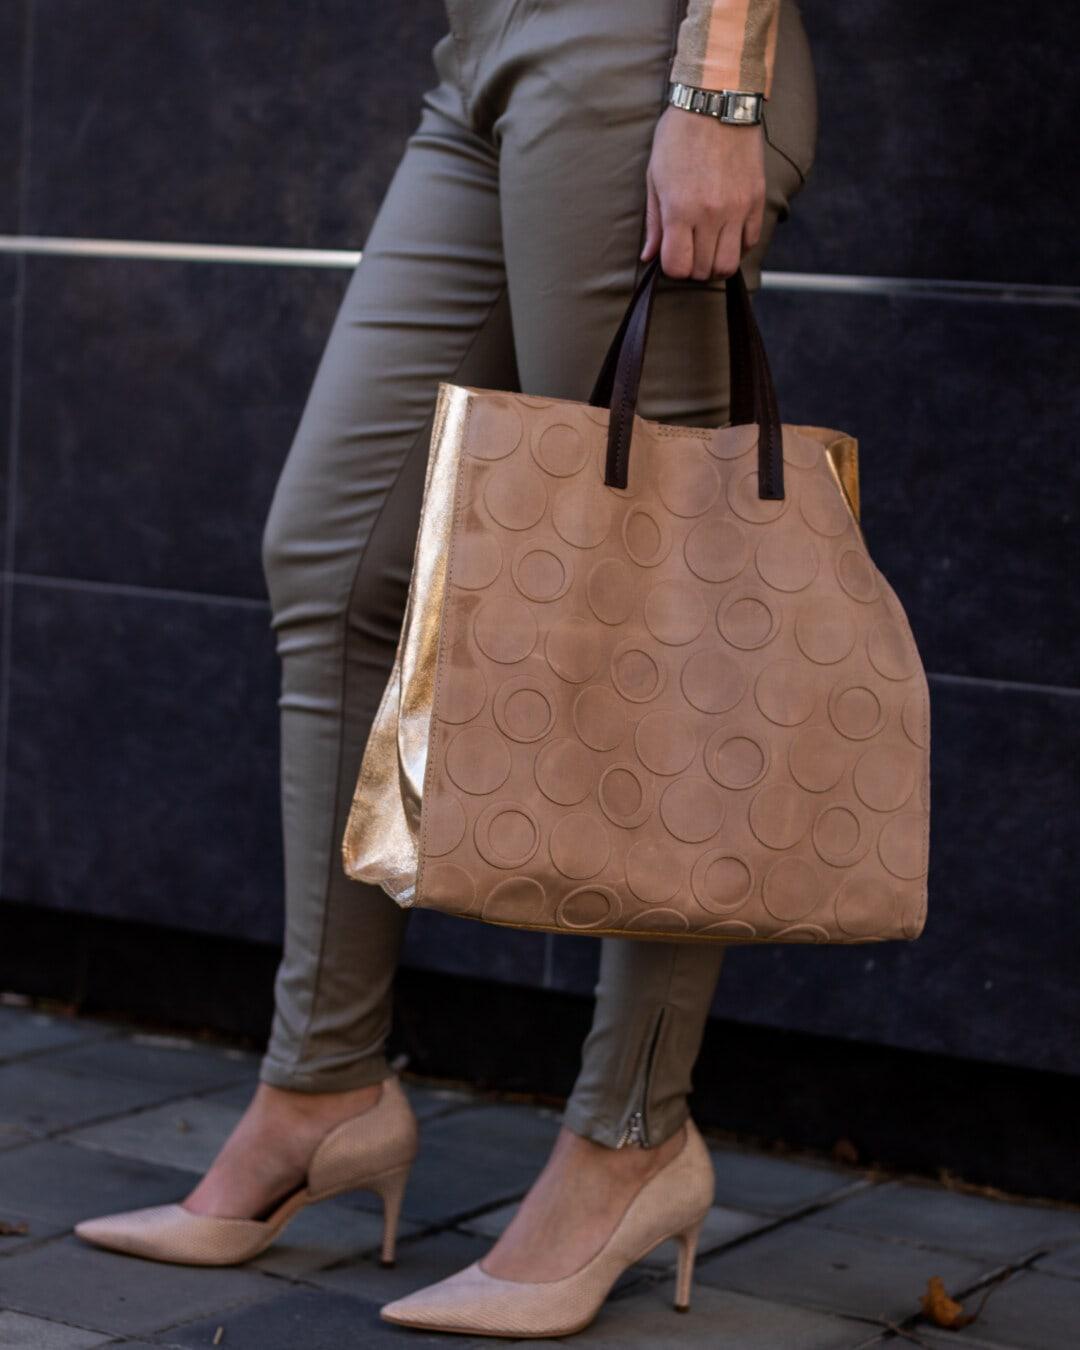 groß, Leder, Handtasche, Braun, Einkaufen, Shopper, Hose, grau, Gepäck, Mädchen